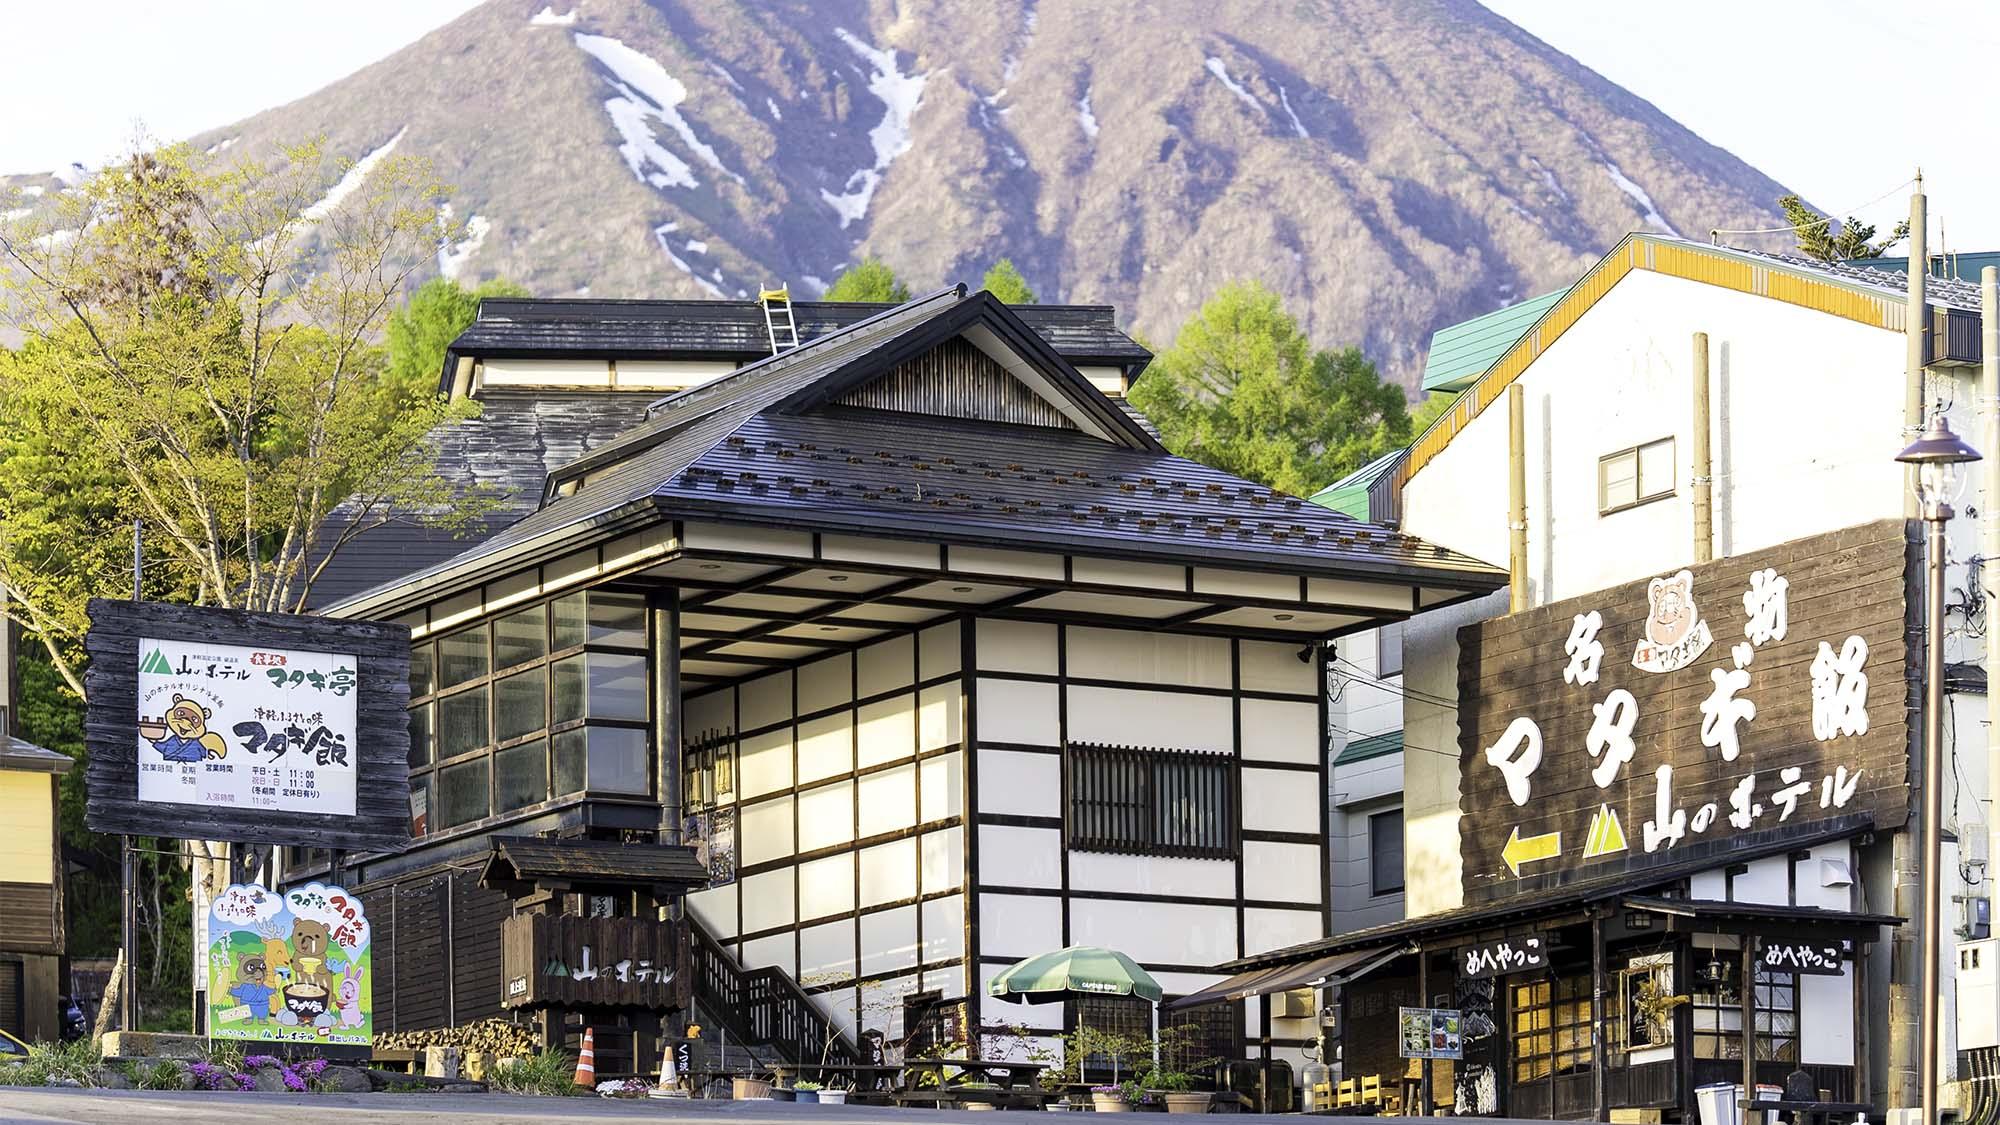 嶽温泉 山のホテル image